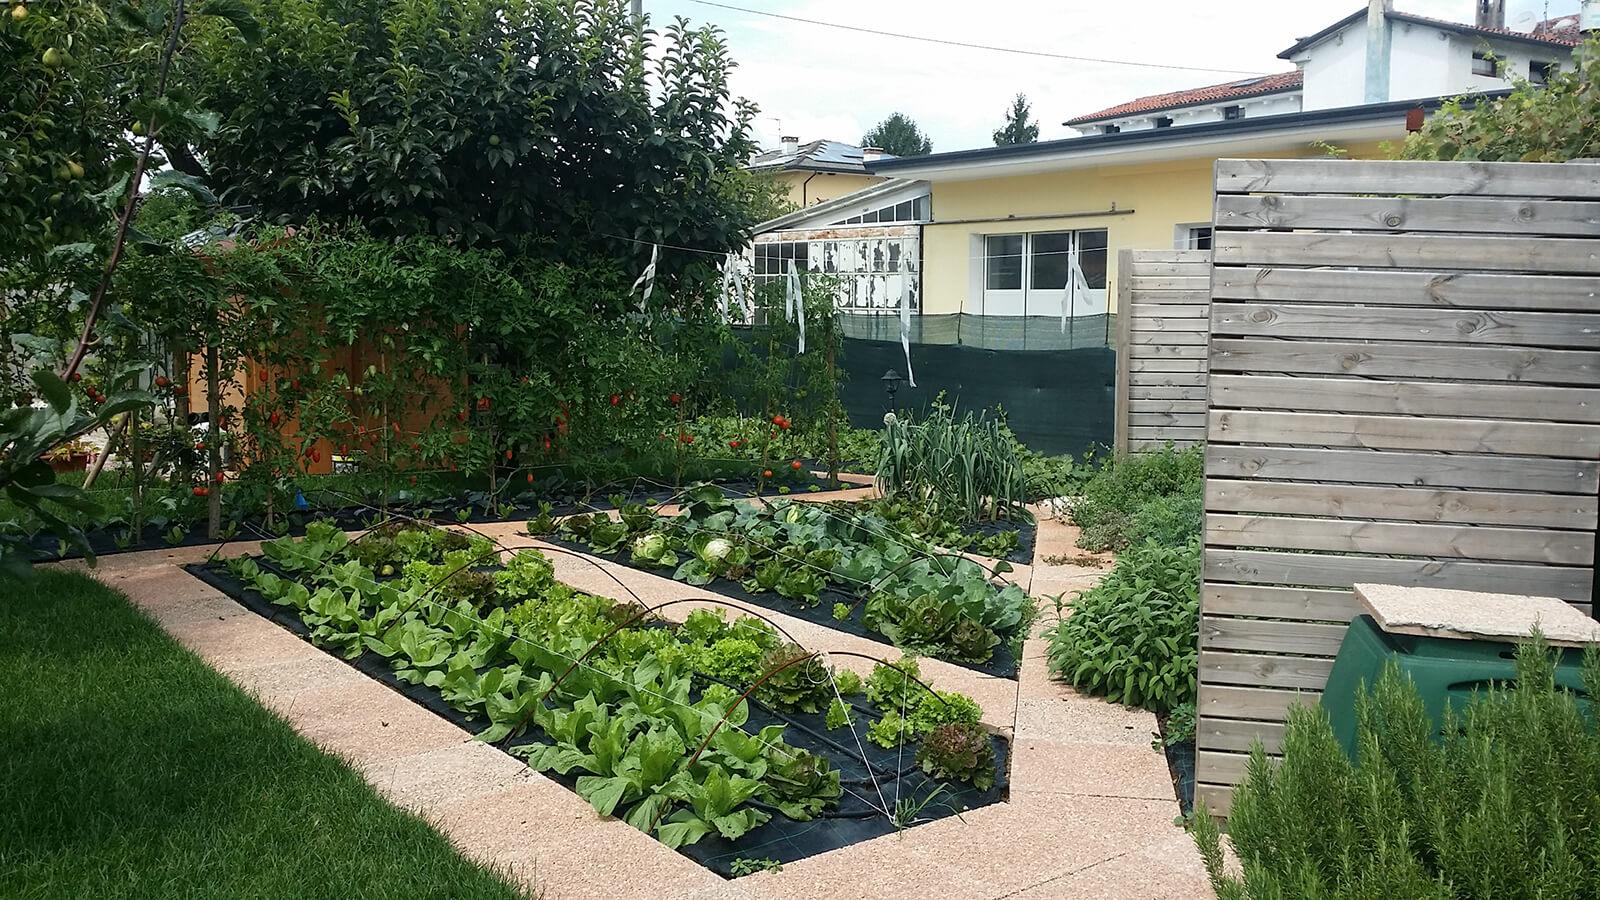 progettazione realizzazione giardini costabissara - verde blu giardini 2